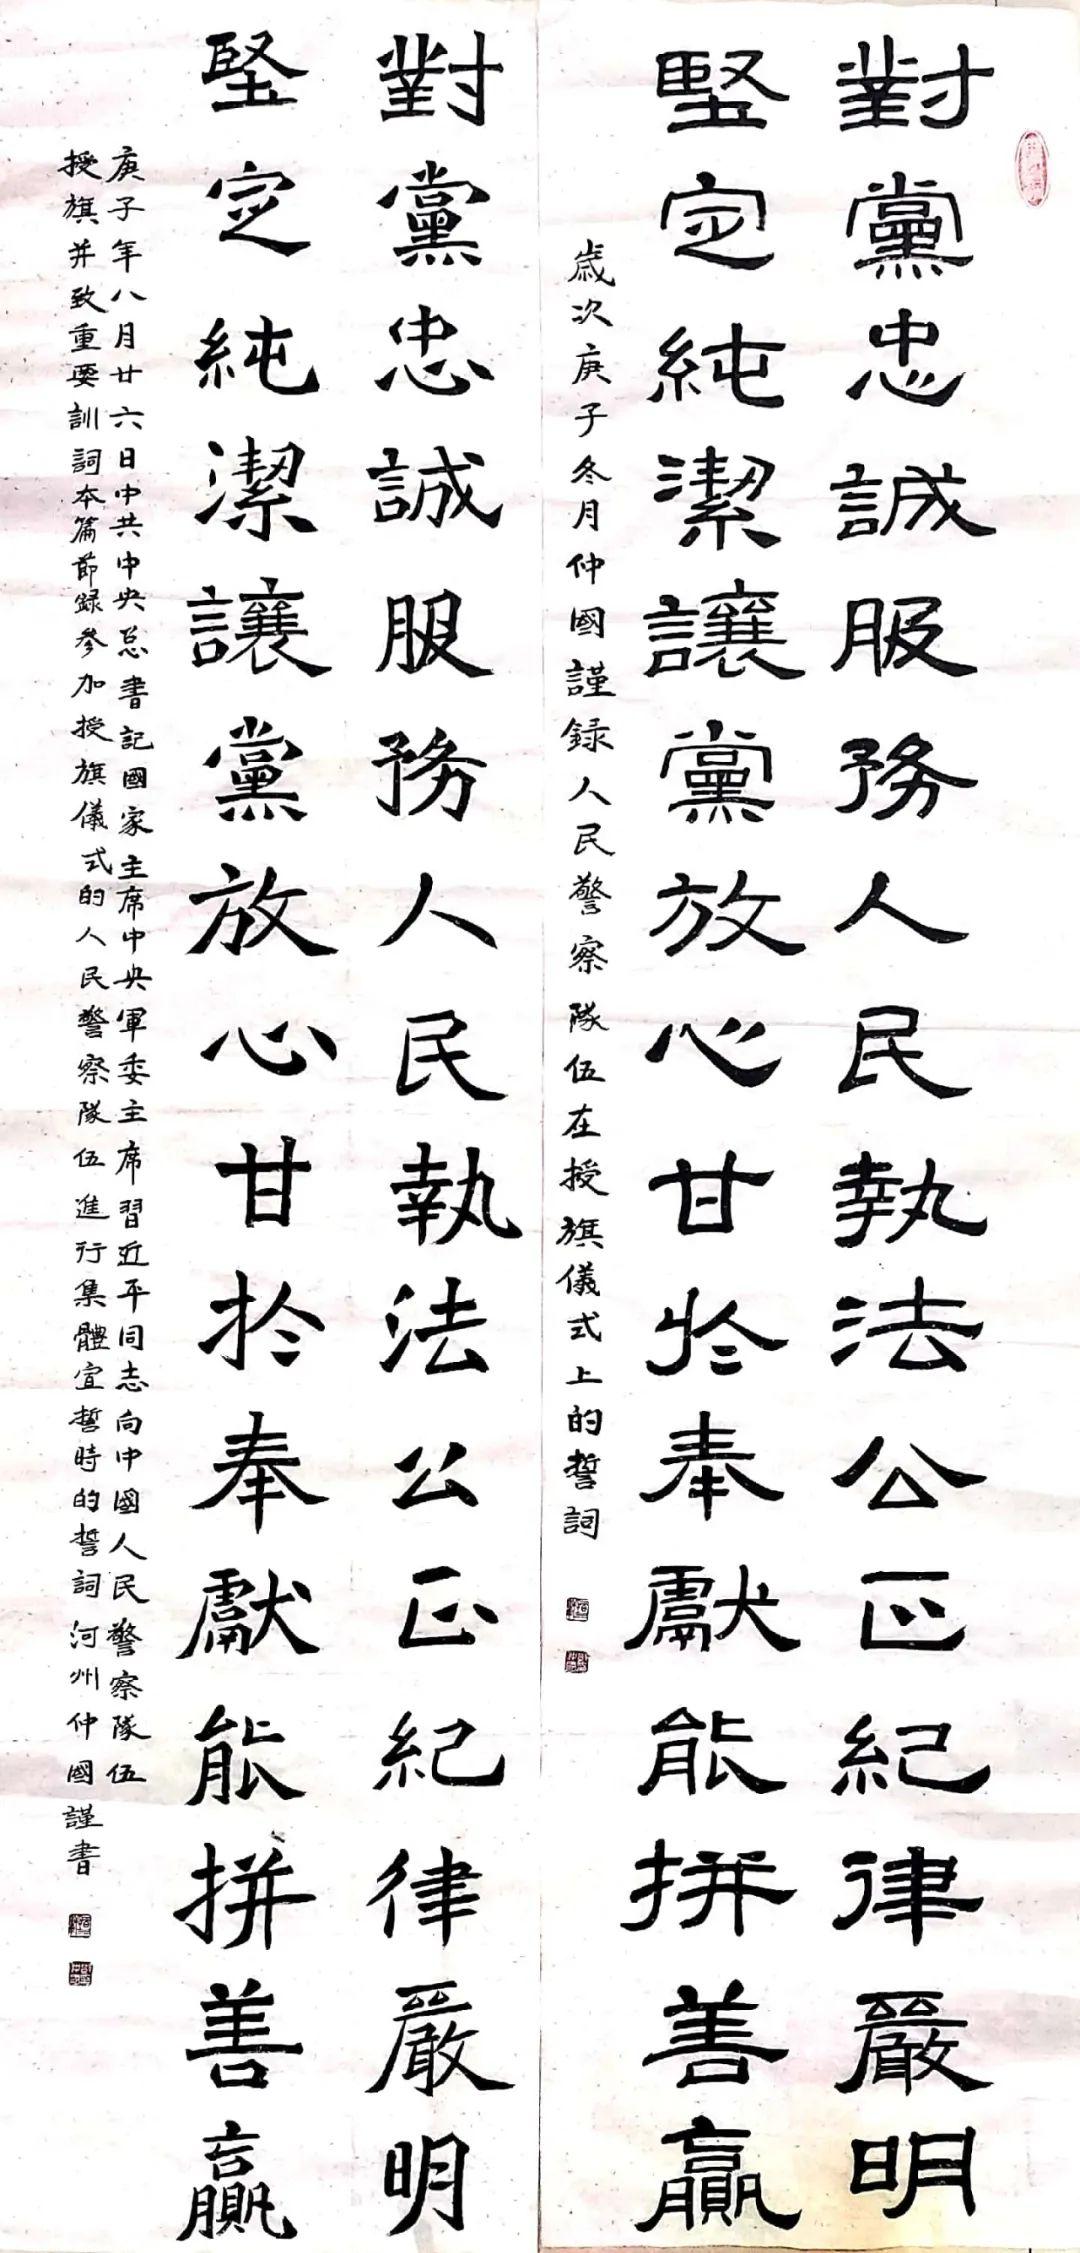 翰墨警营颂党恩 — 州公安局举办庆祝建党100周年书画展